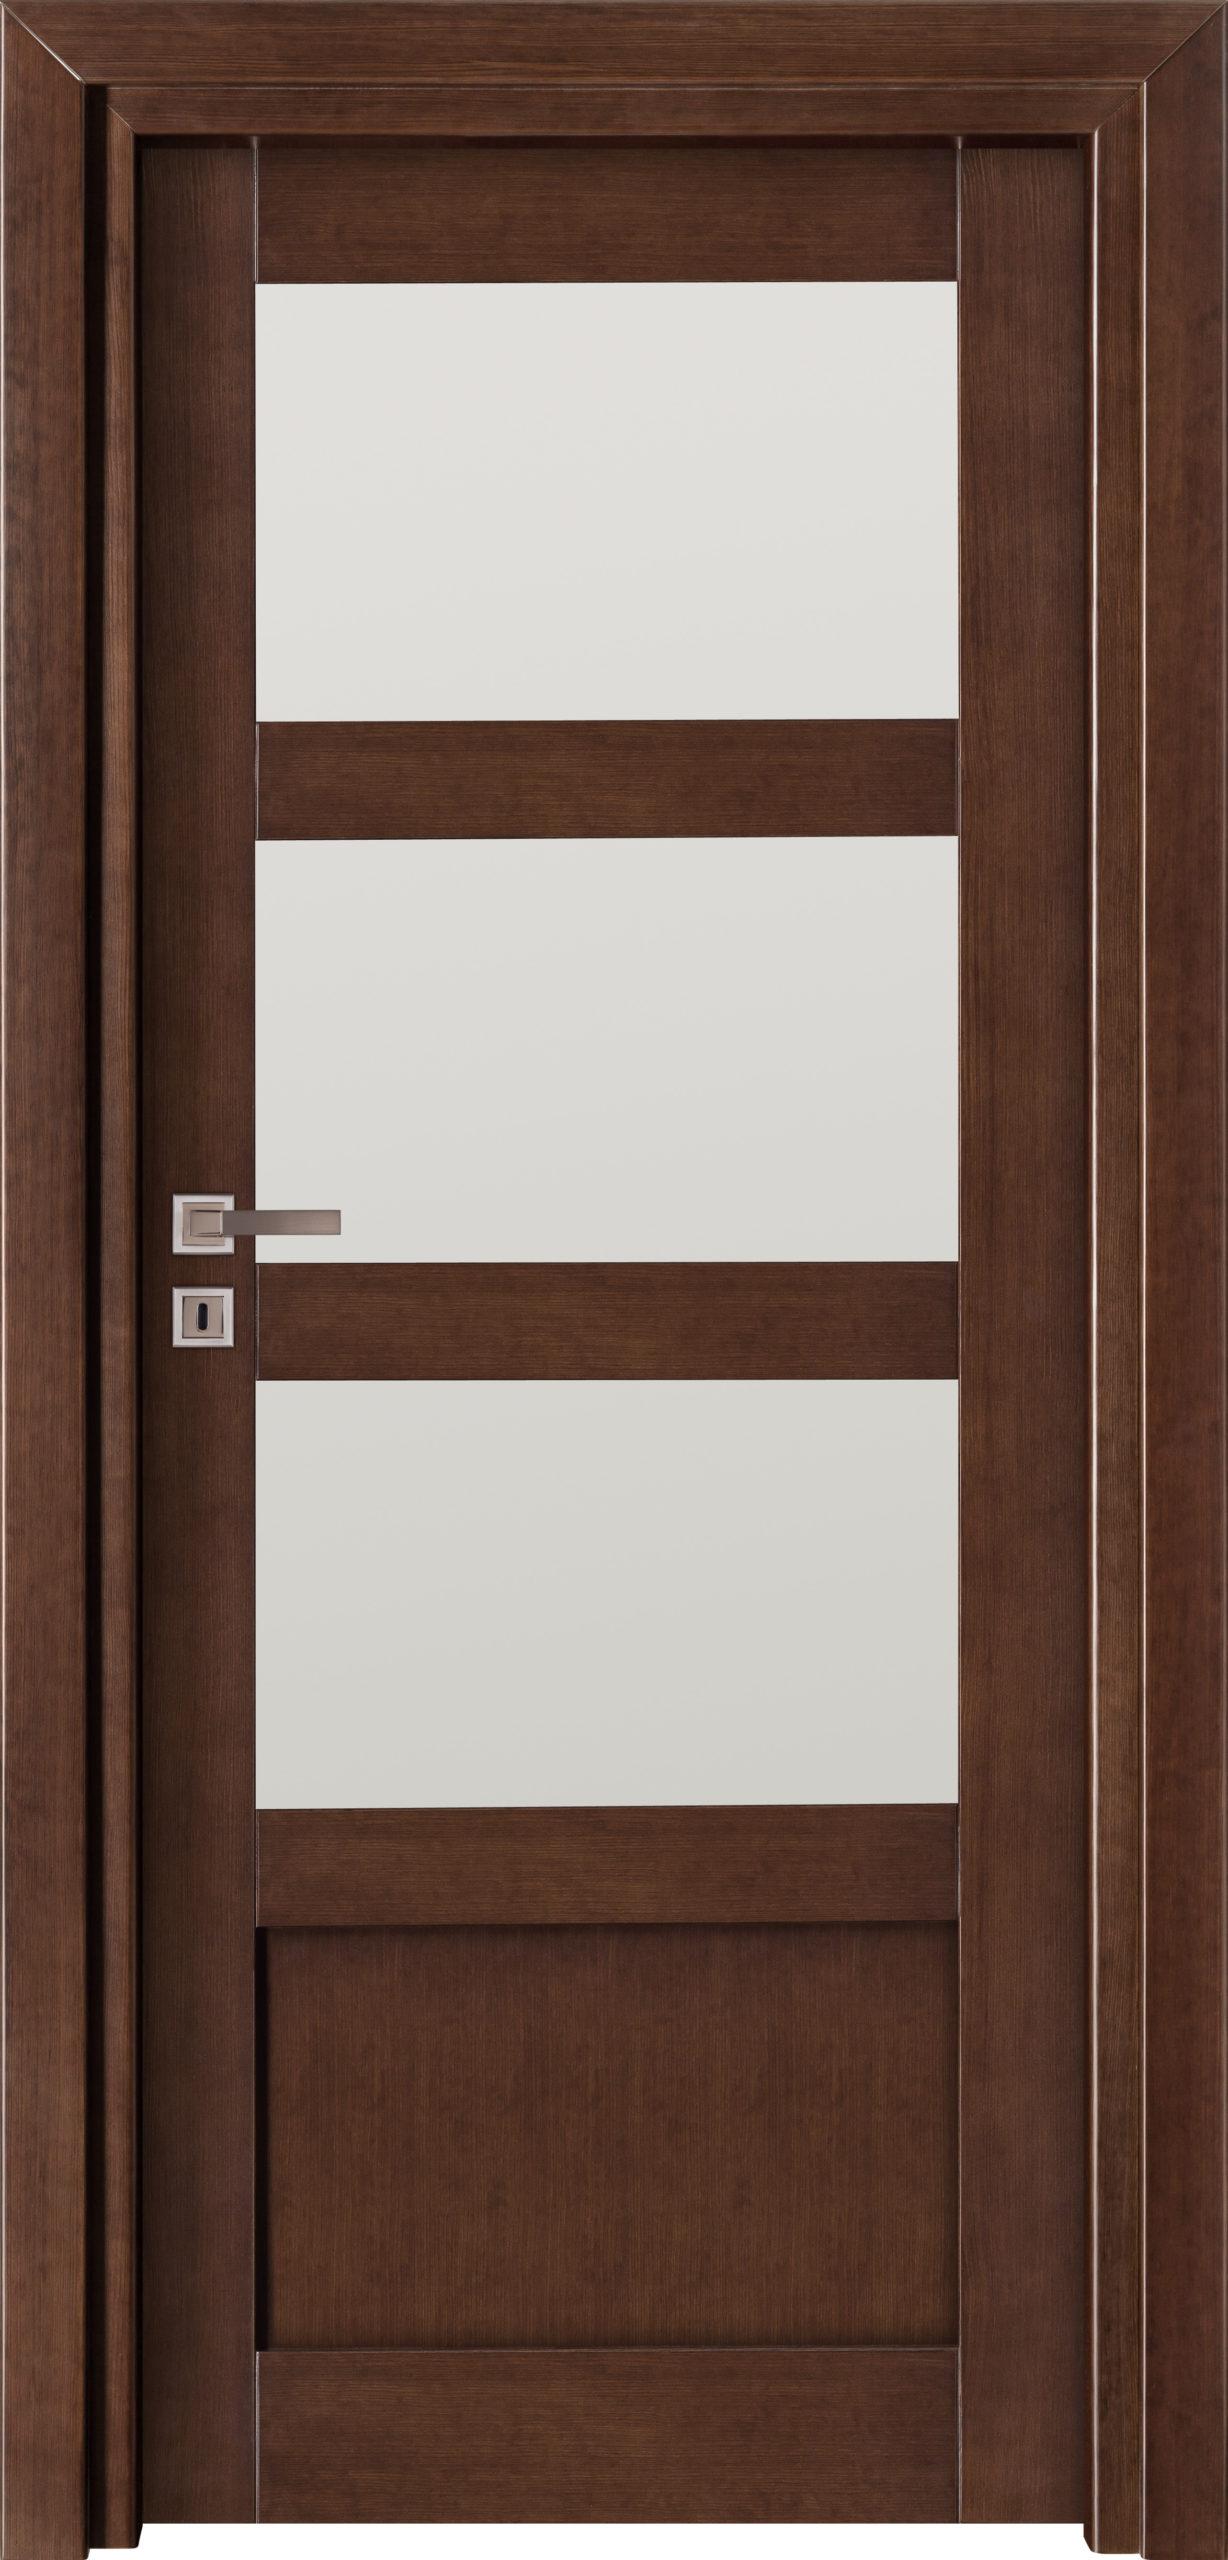 Manhattan A15 - jesion - jasny orzech - szklenie lacomat bezpieczny - ościeżnica przylgowa regulowana drewniana prosta (IIa)